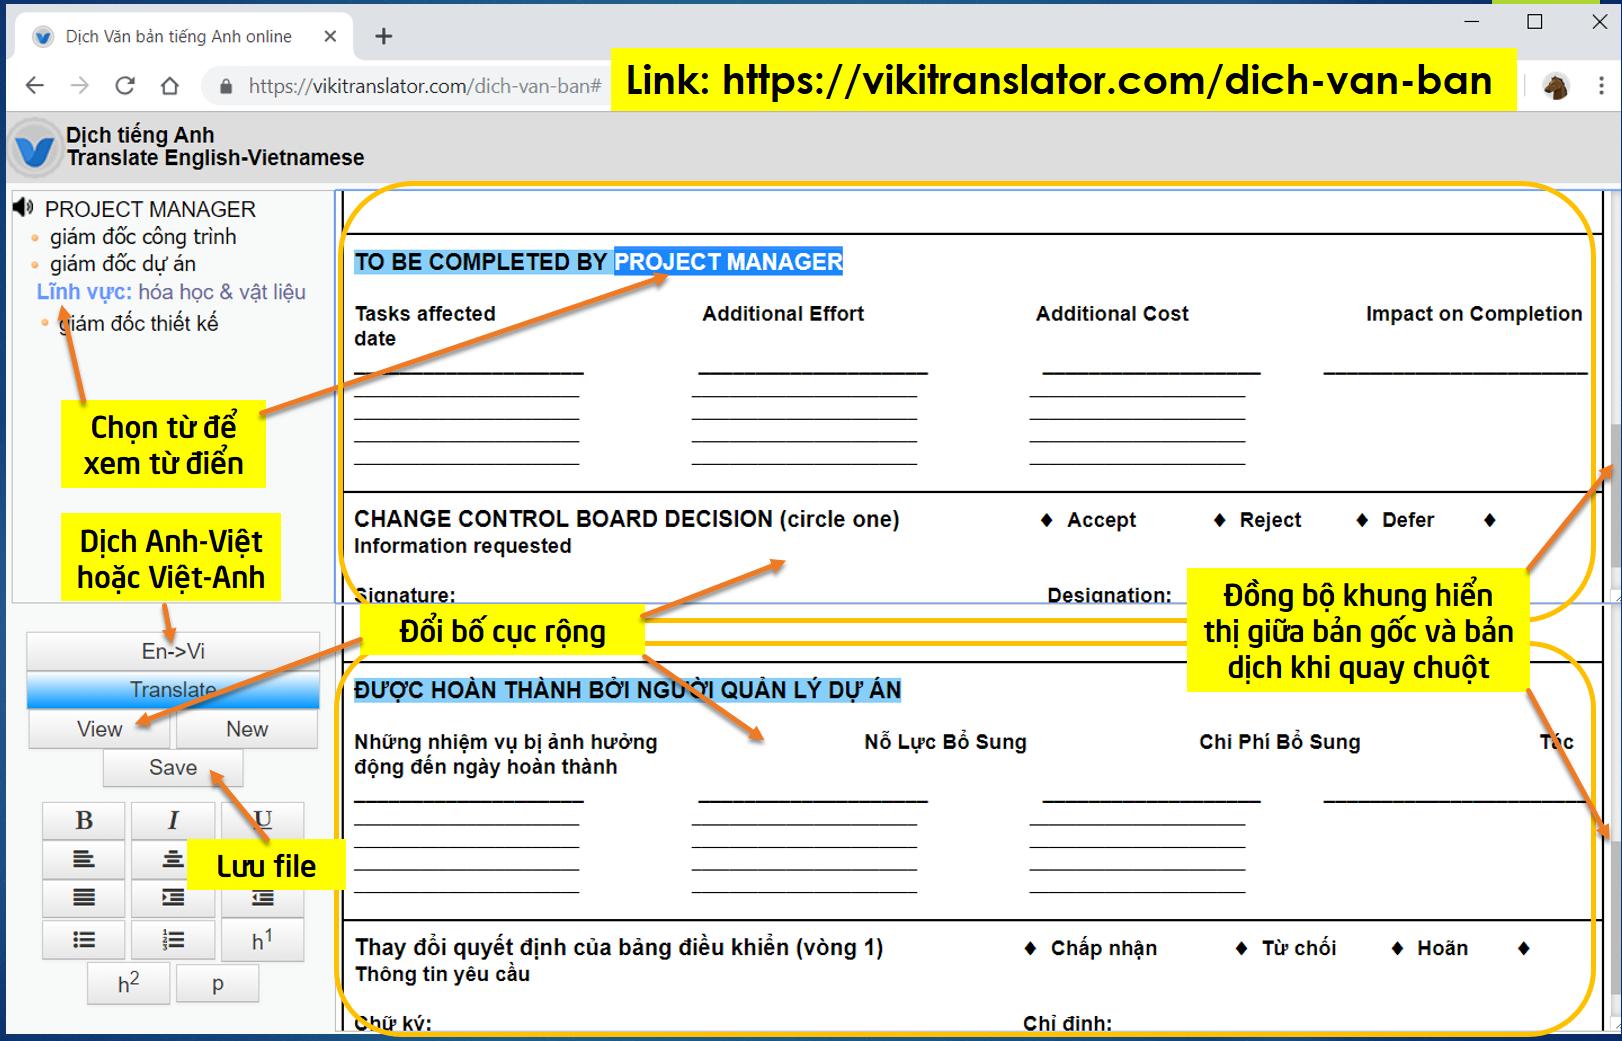 VIKI Translator hỗ trợ Dịch văn bản tiếng Anh giữ nguyên định dạng